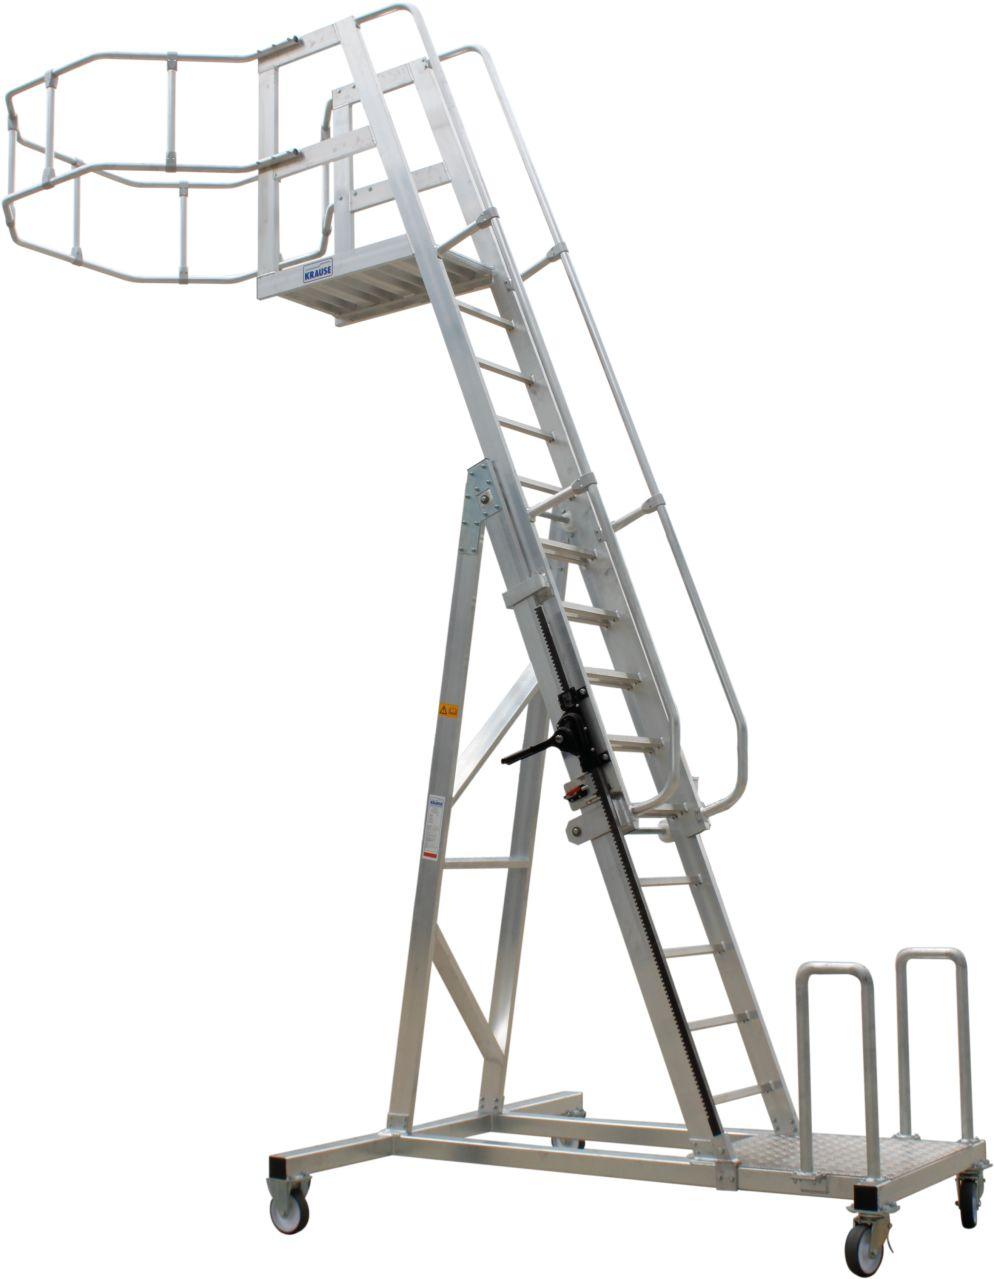 Tankwagenleiter Freistehende und leicht verfahrbare Tankwagenleiter als Zugang für Bedienungsarbeiten oder Kontrollarbeiten